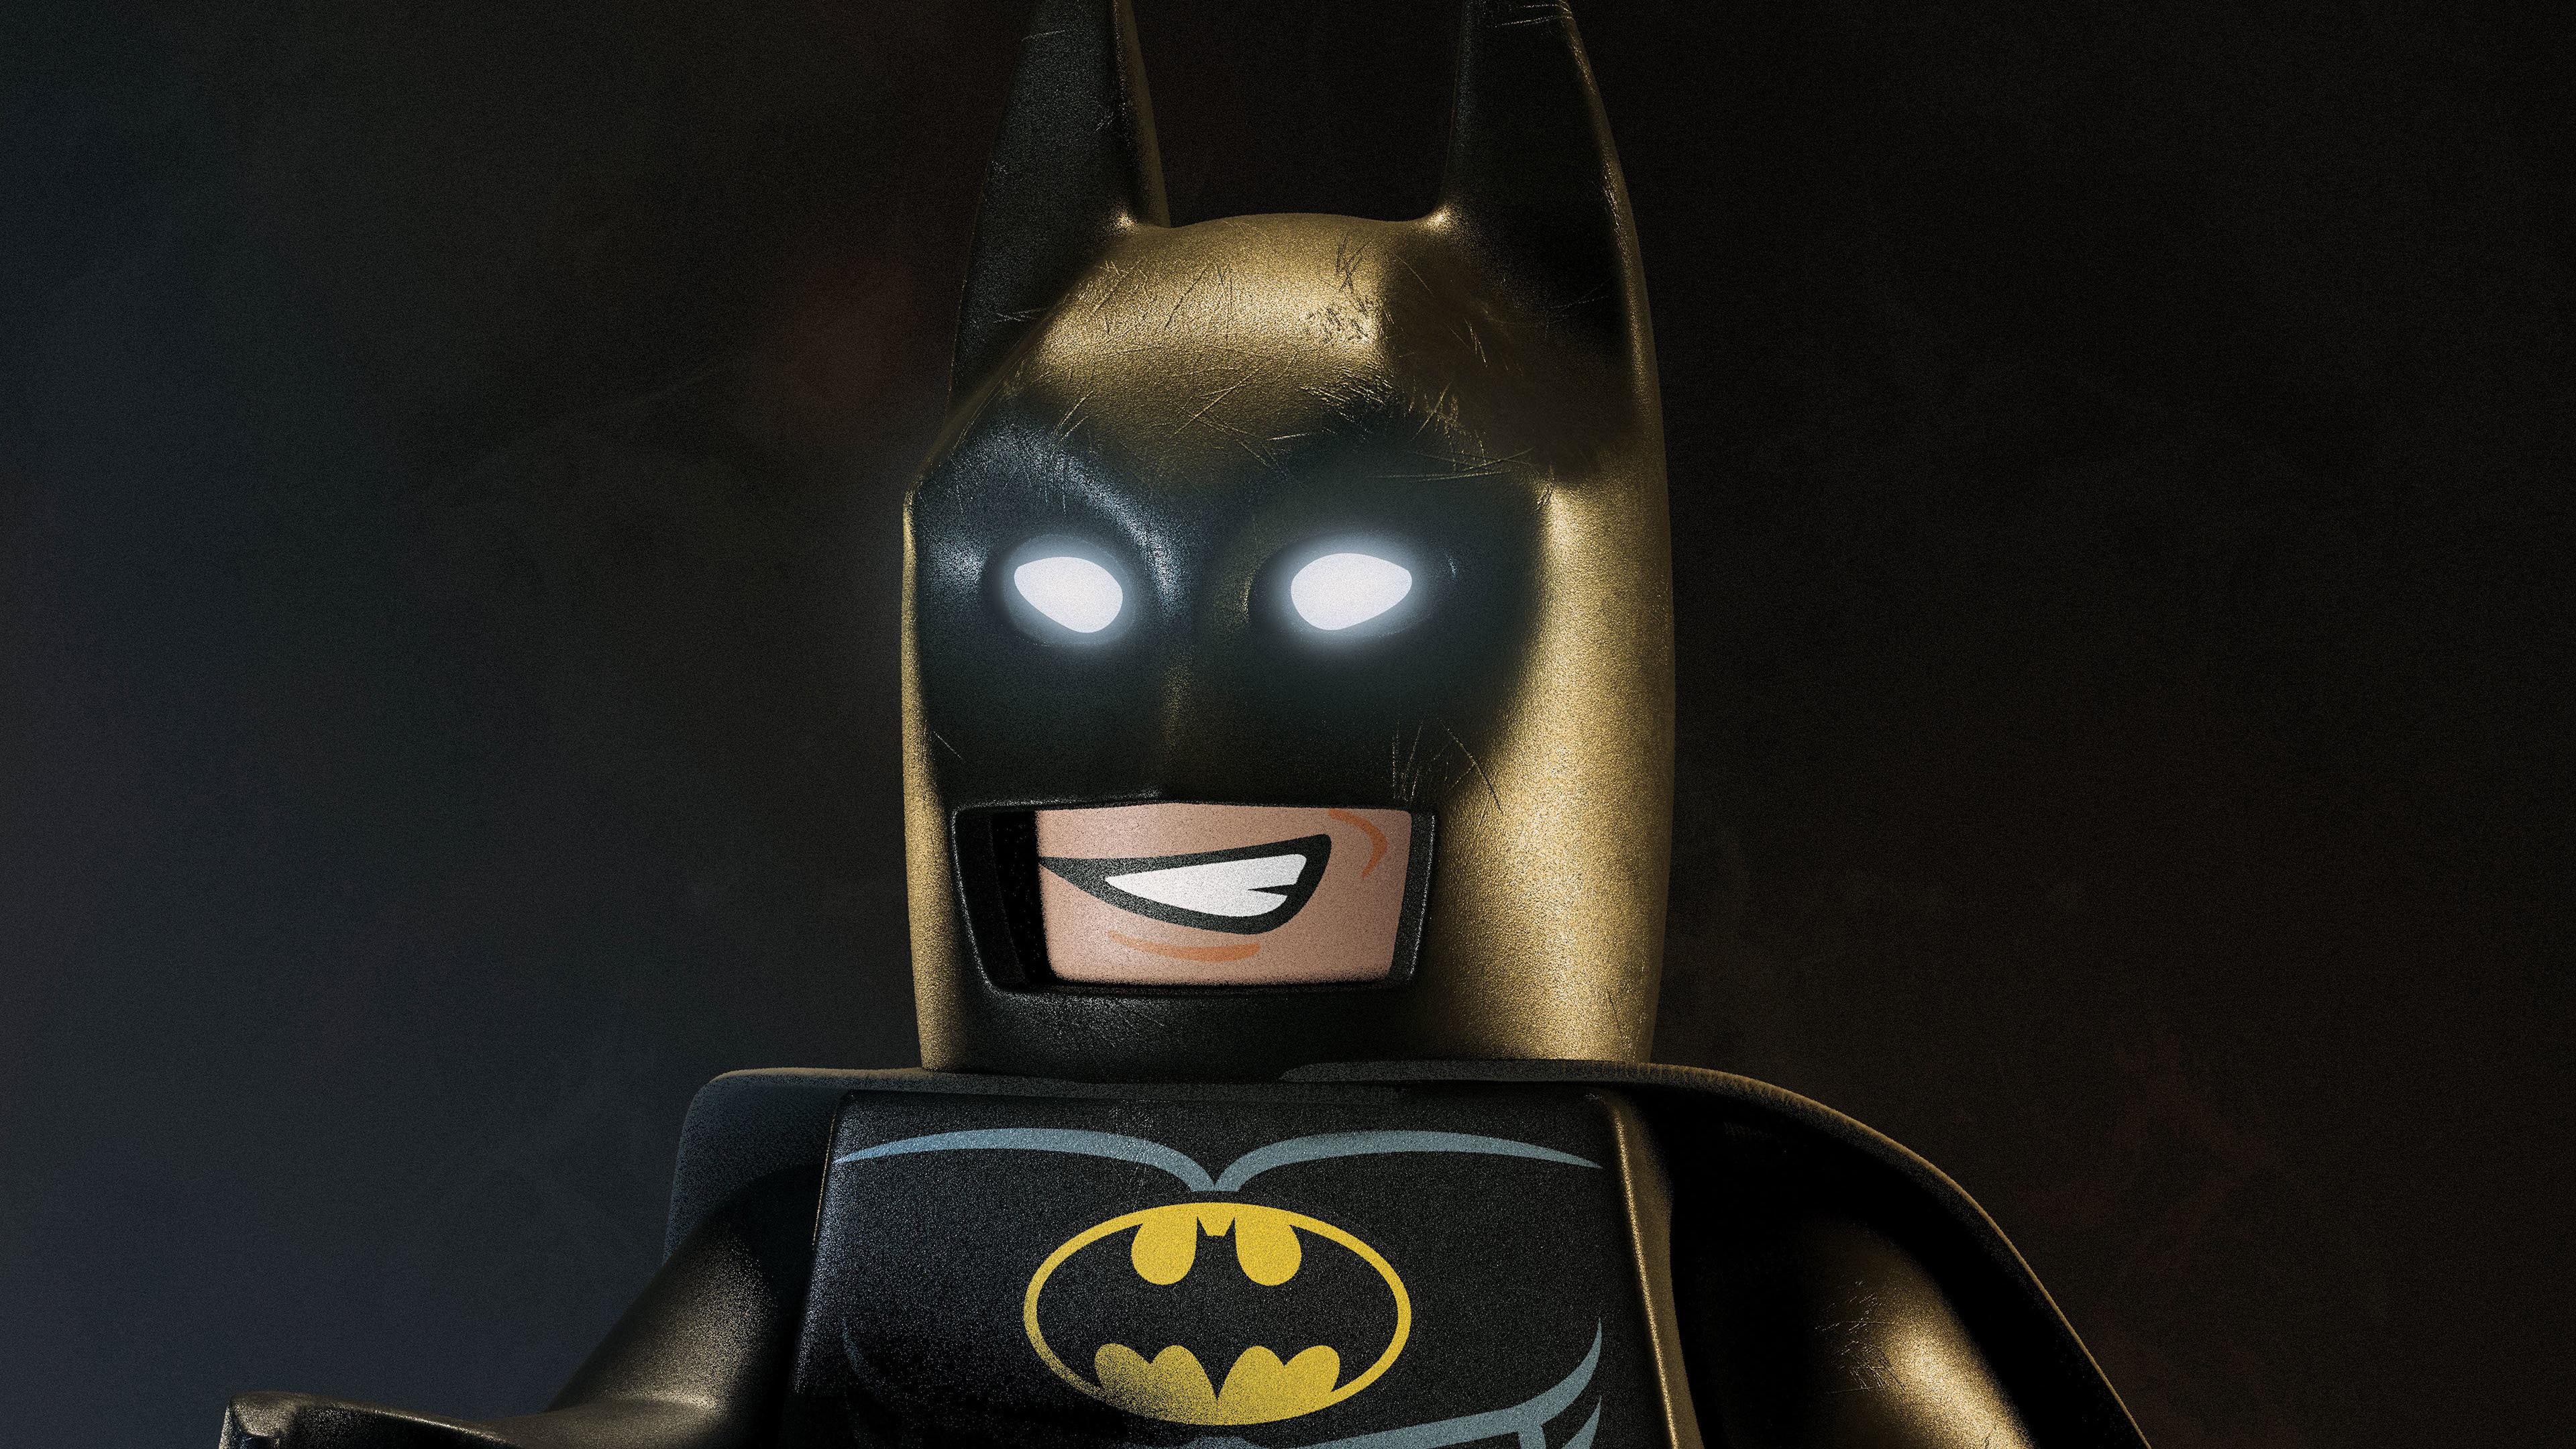 lego batman 4k 1543619989 - Lego Batman 4k - the lego batman movie wallpapers, superheroes wallpapers, hd-wallpapers, behance wallpapers, batman wallpapers, artist wallpapers, 4k-wallpapers